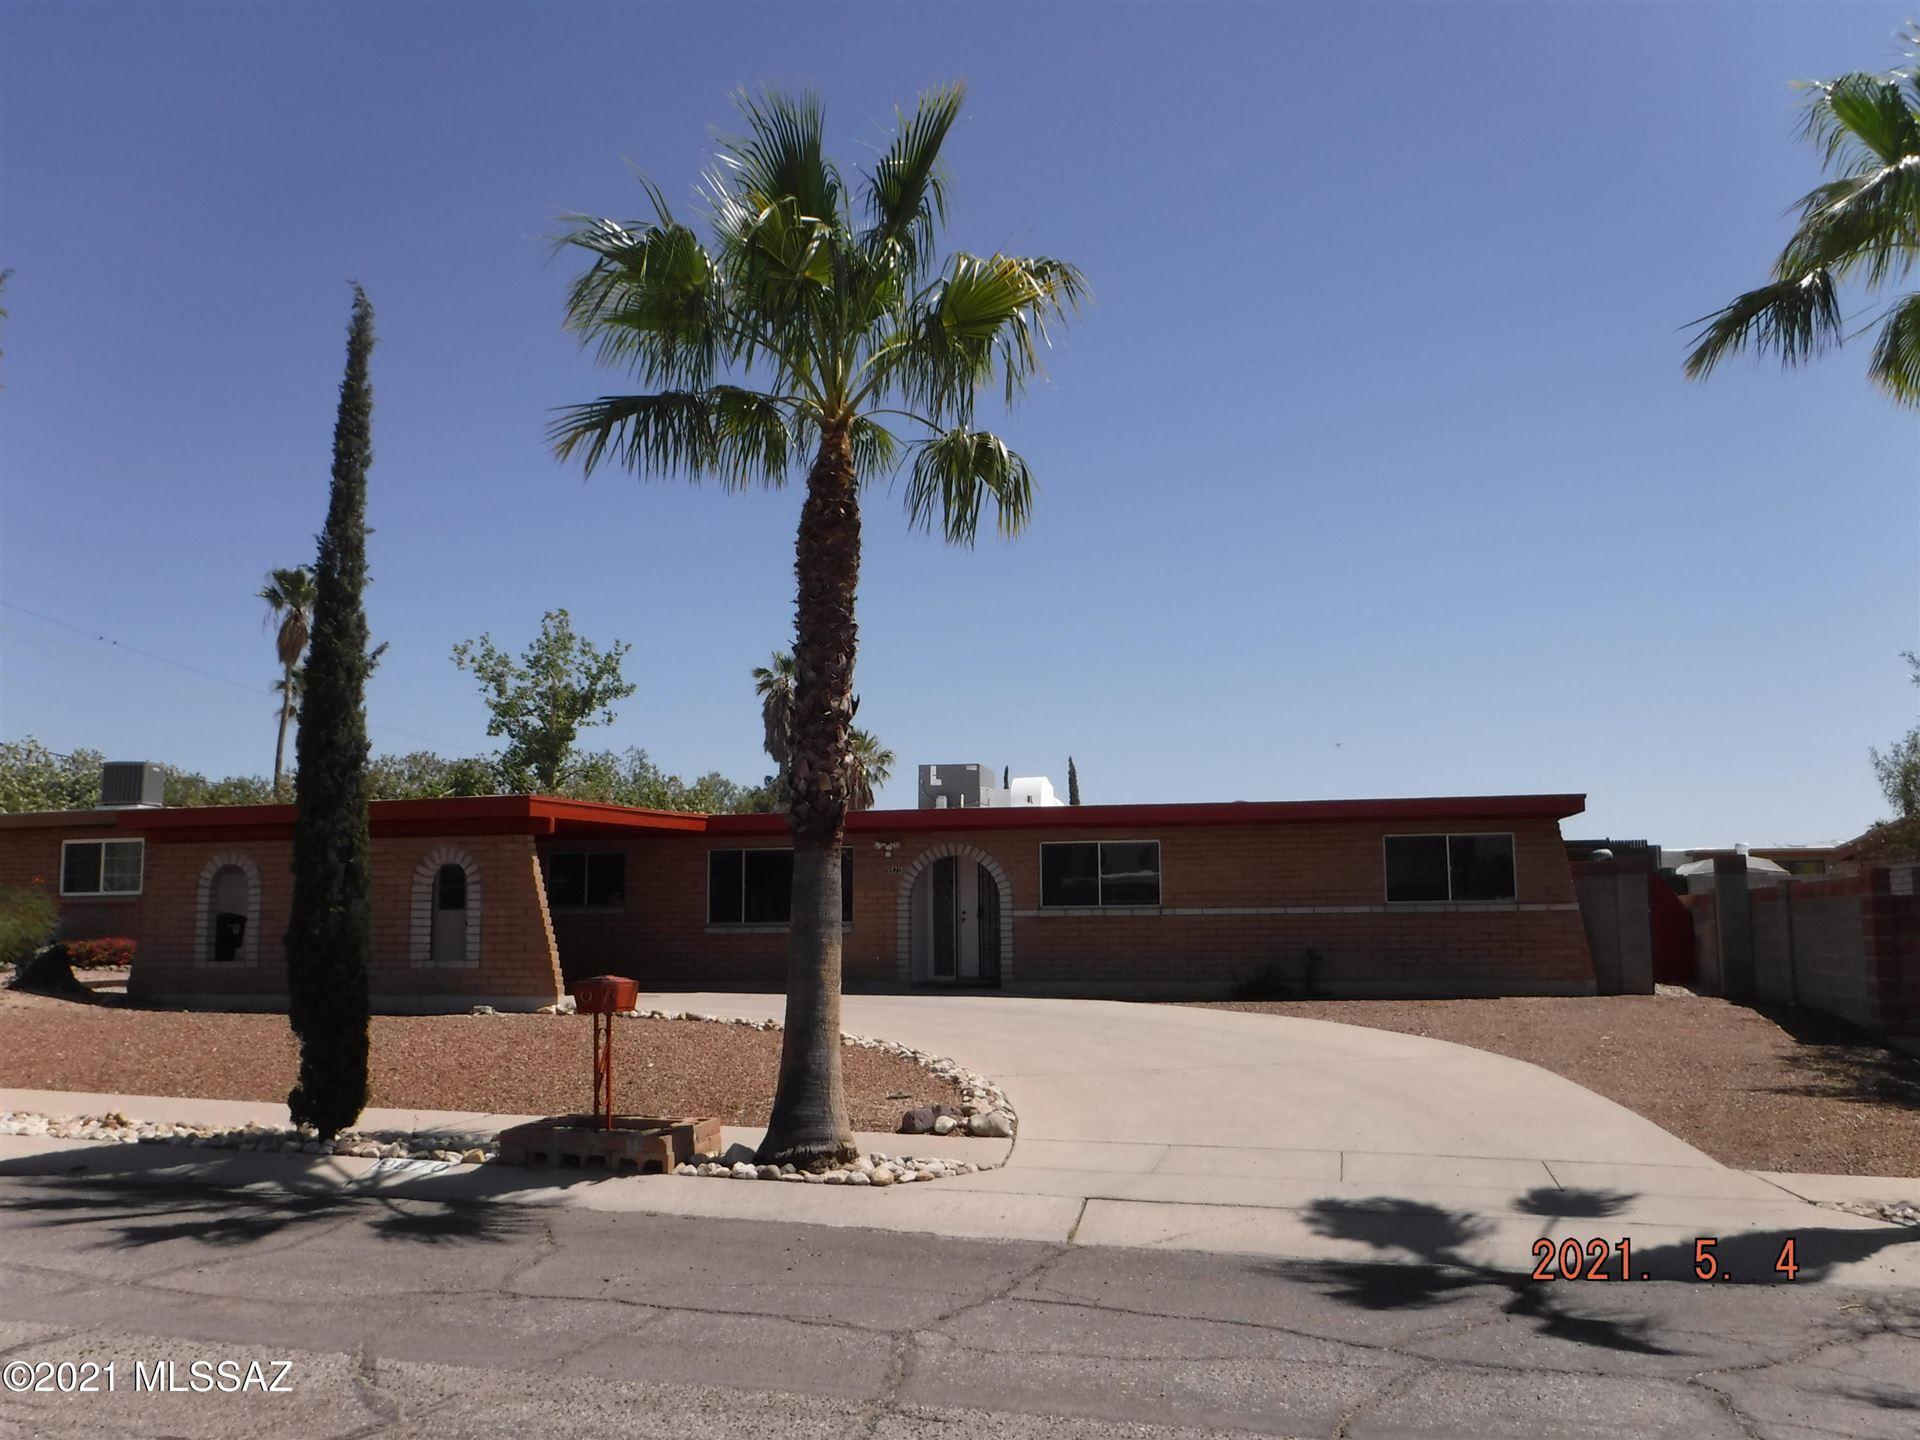 9870 E Lucille Drive, Tucson, AZ 85730 - MLS#: 22111802